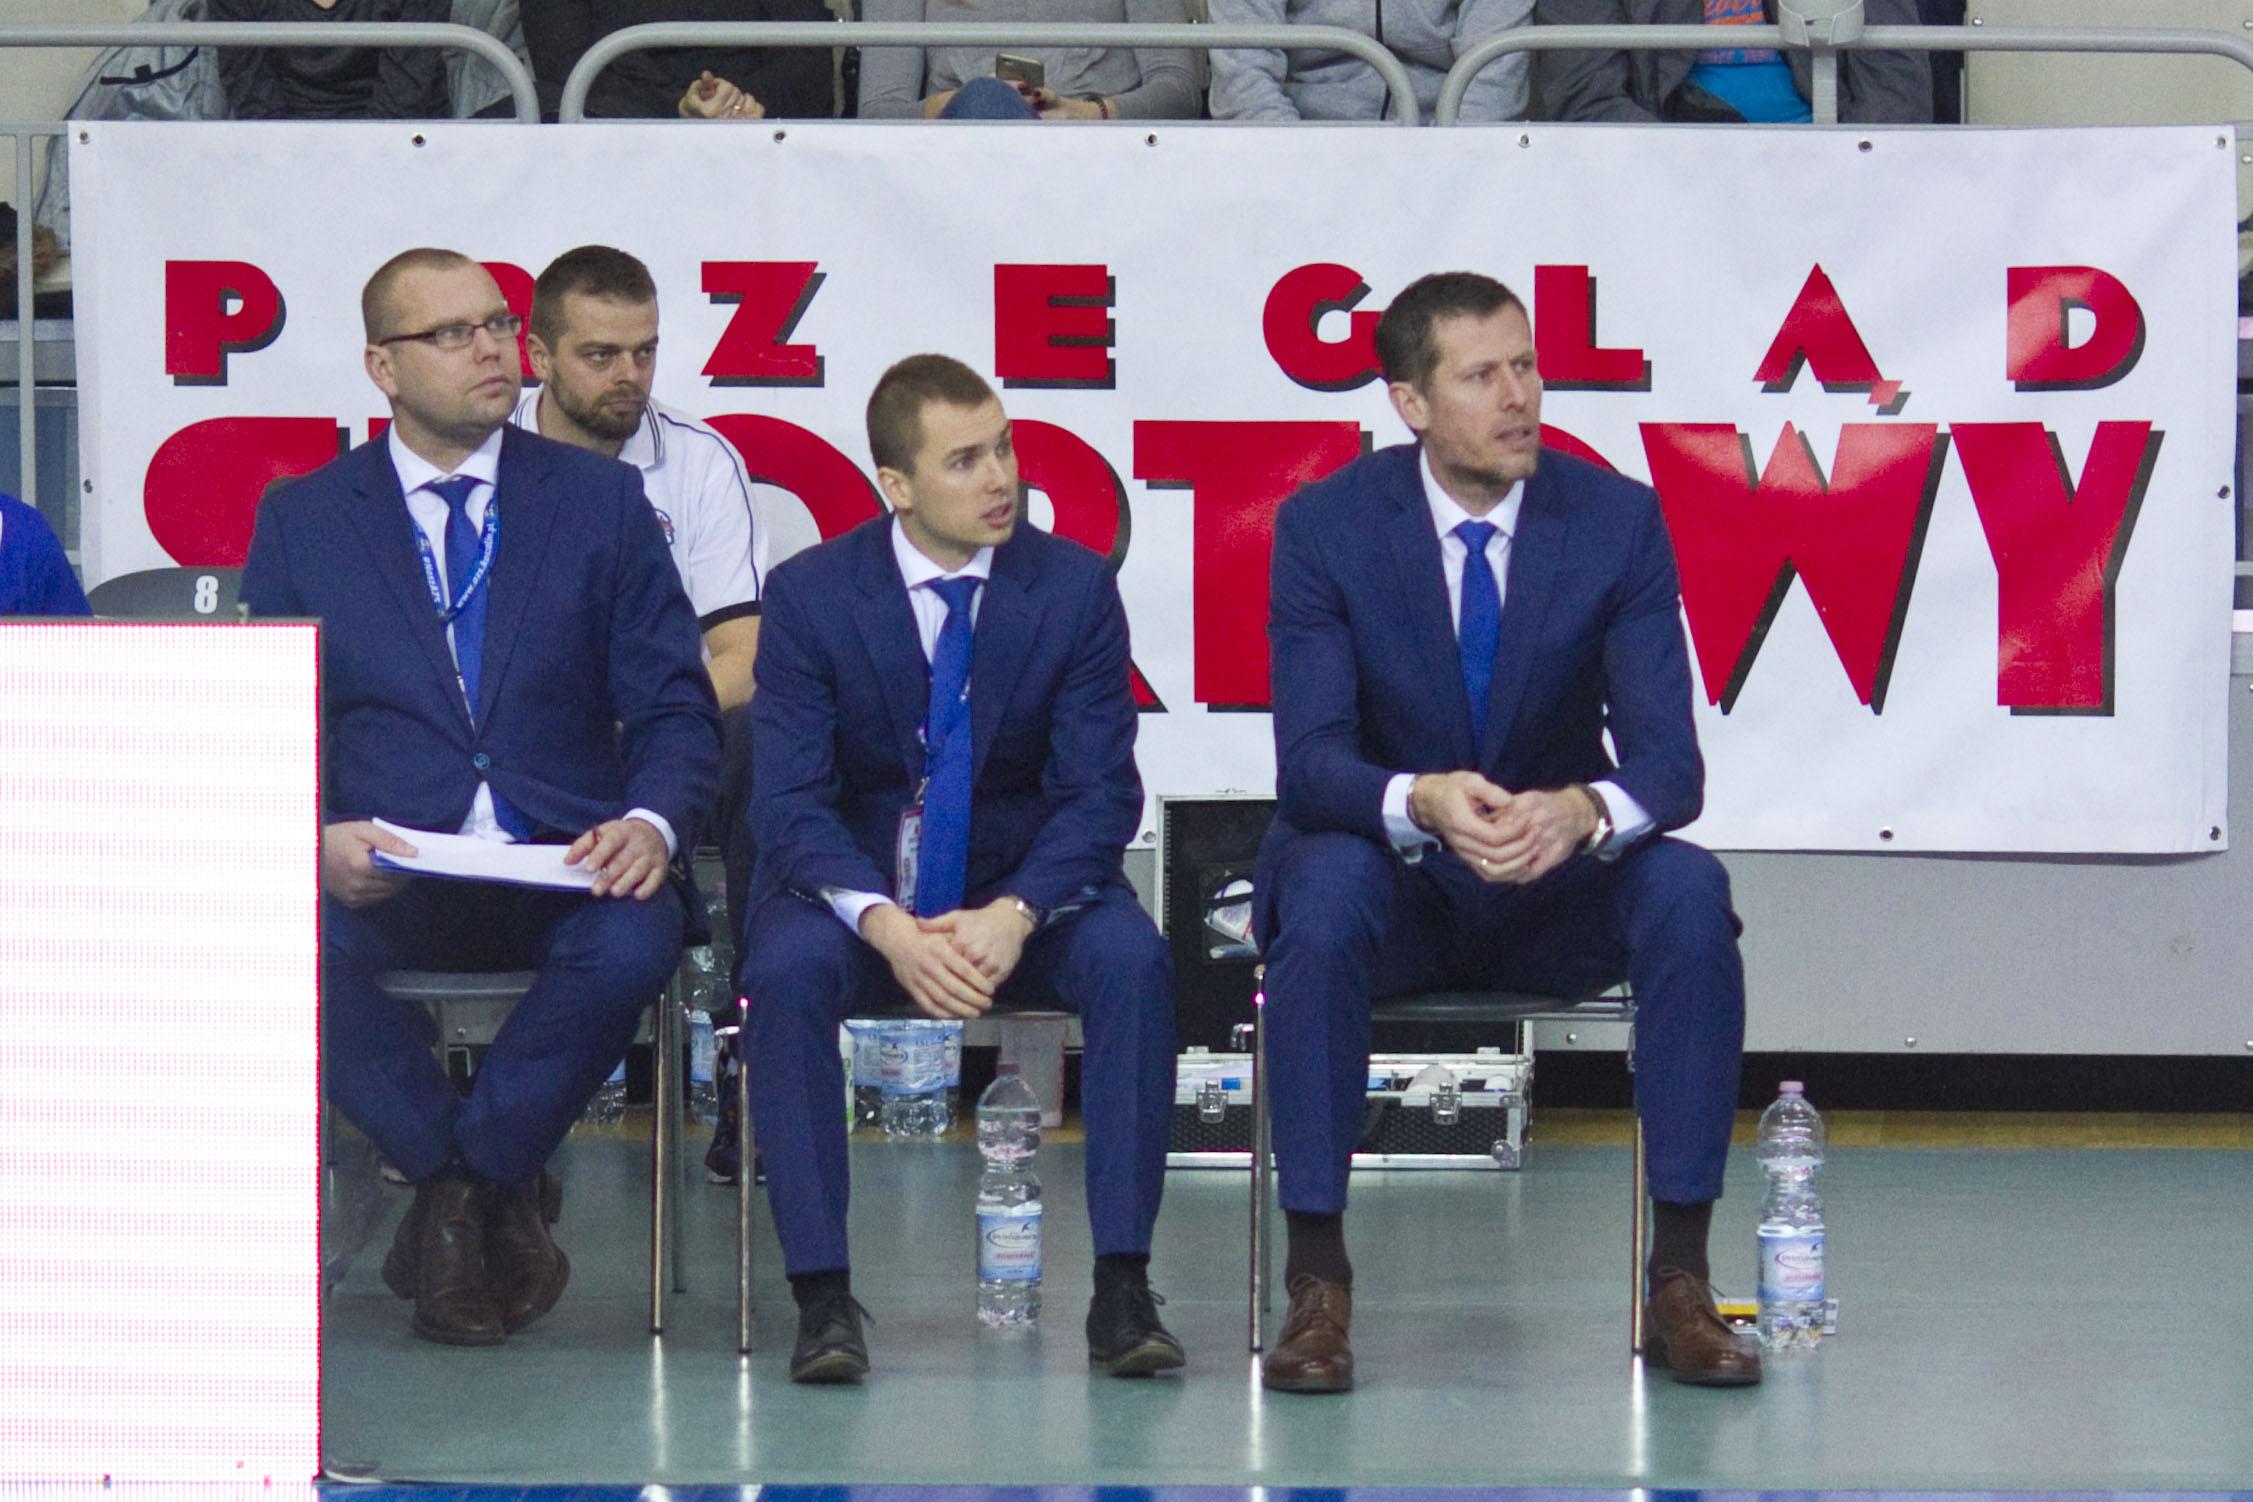 Sztab szkoleniowy. Od prawej: Tomasz Ignatowicz (pierwszy trener), Kamil Sadowski (trener asystent), Jacek Imiołek (kierownik drużyny). Z tyłu: Lucjan Kasprzak (fizykoterapeuta)